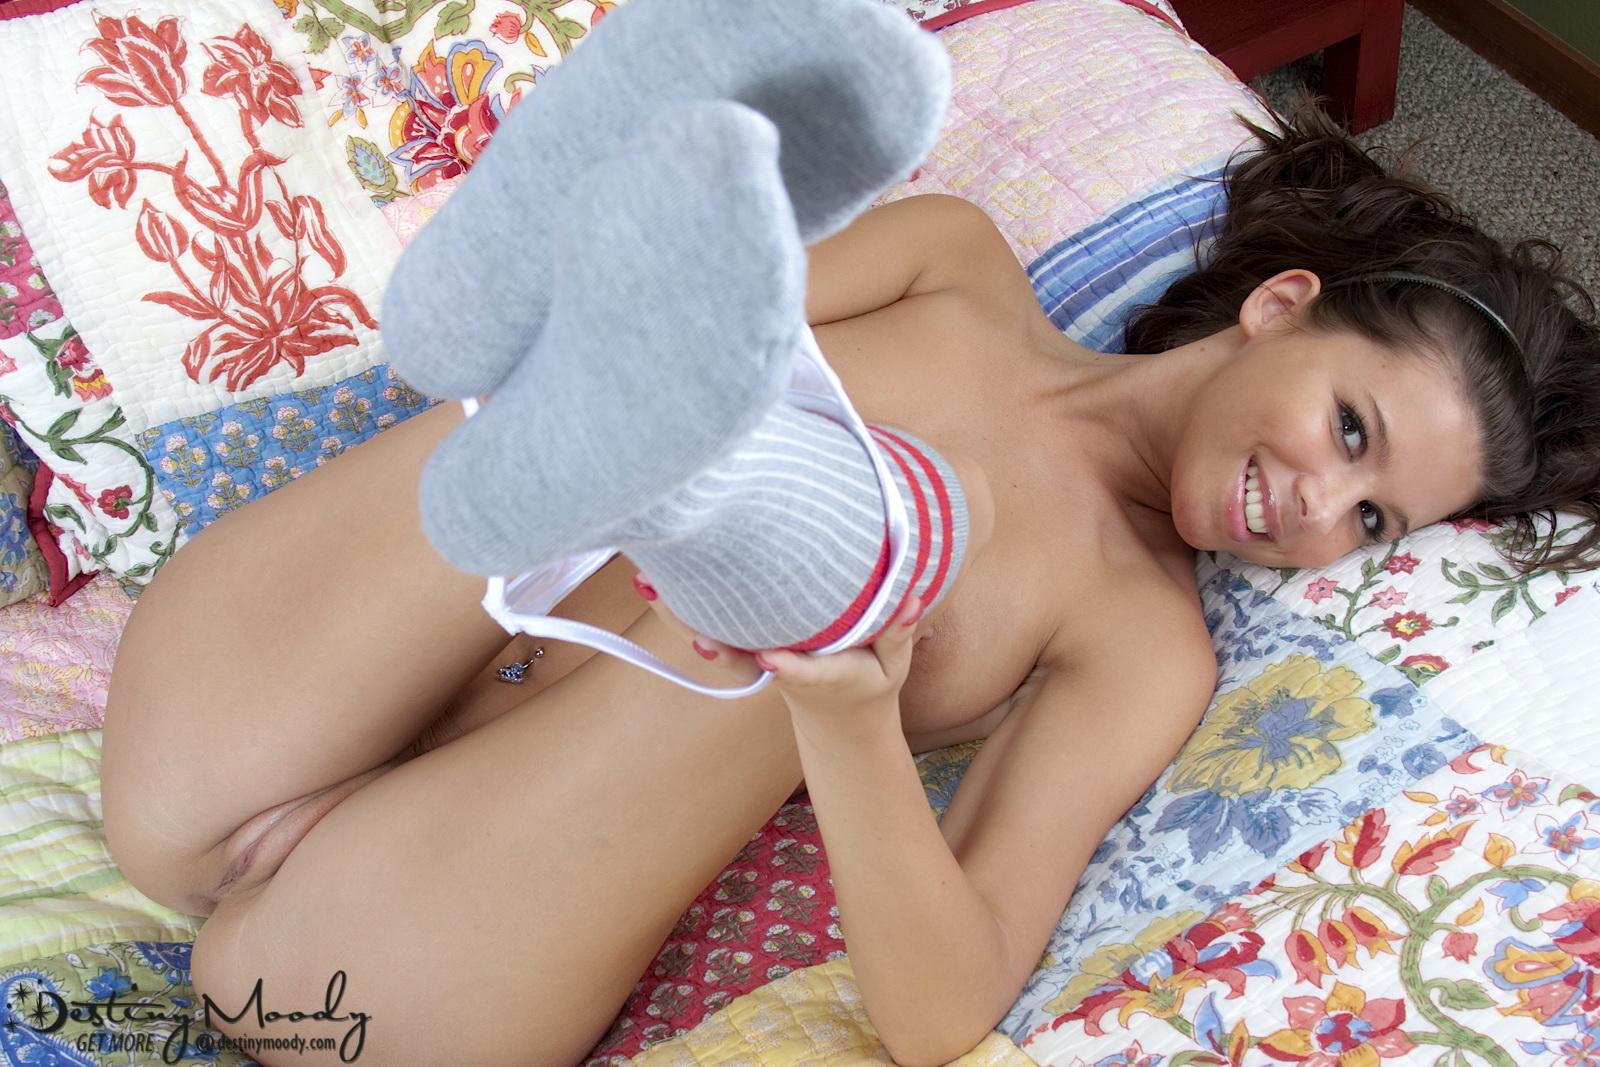 Asian girl lingerie photo